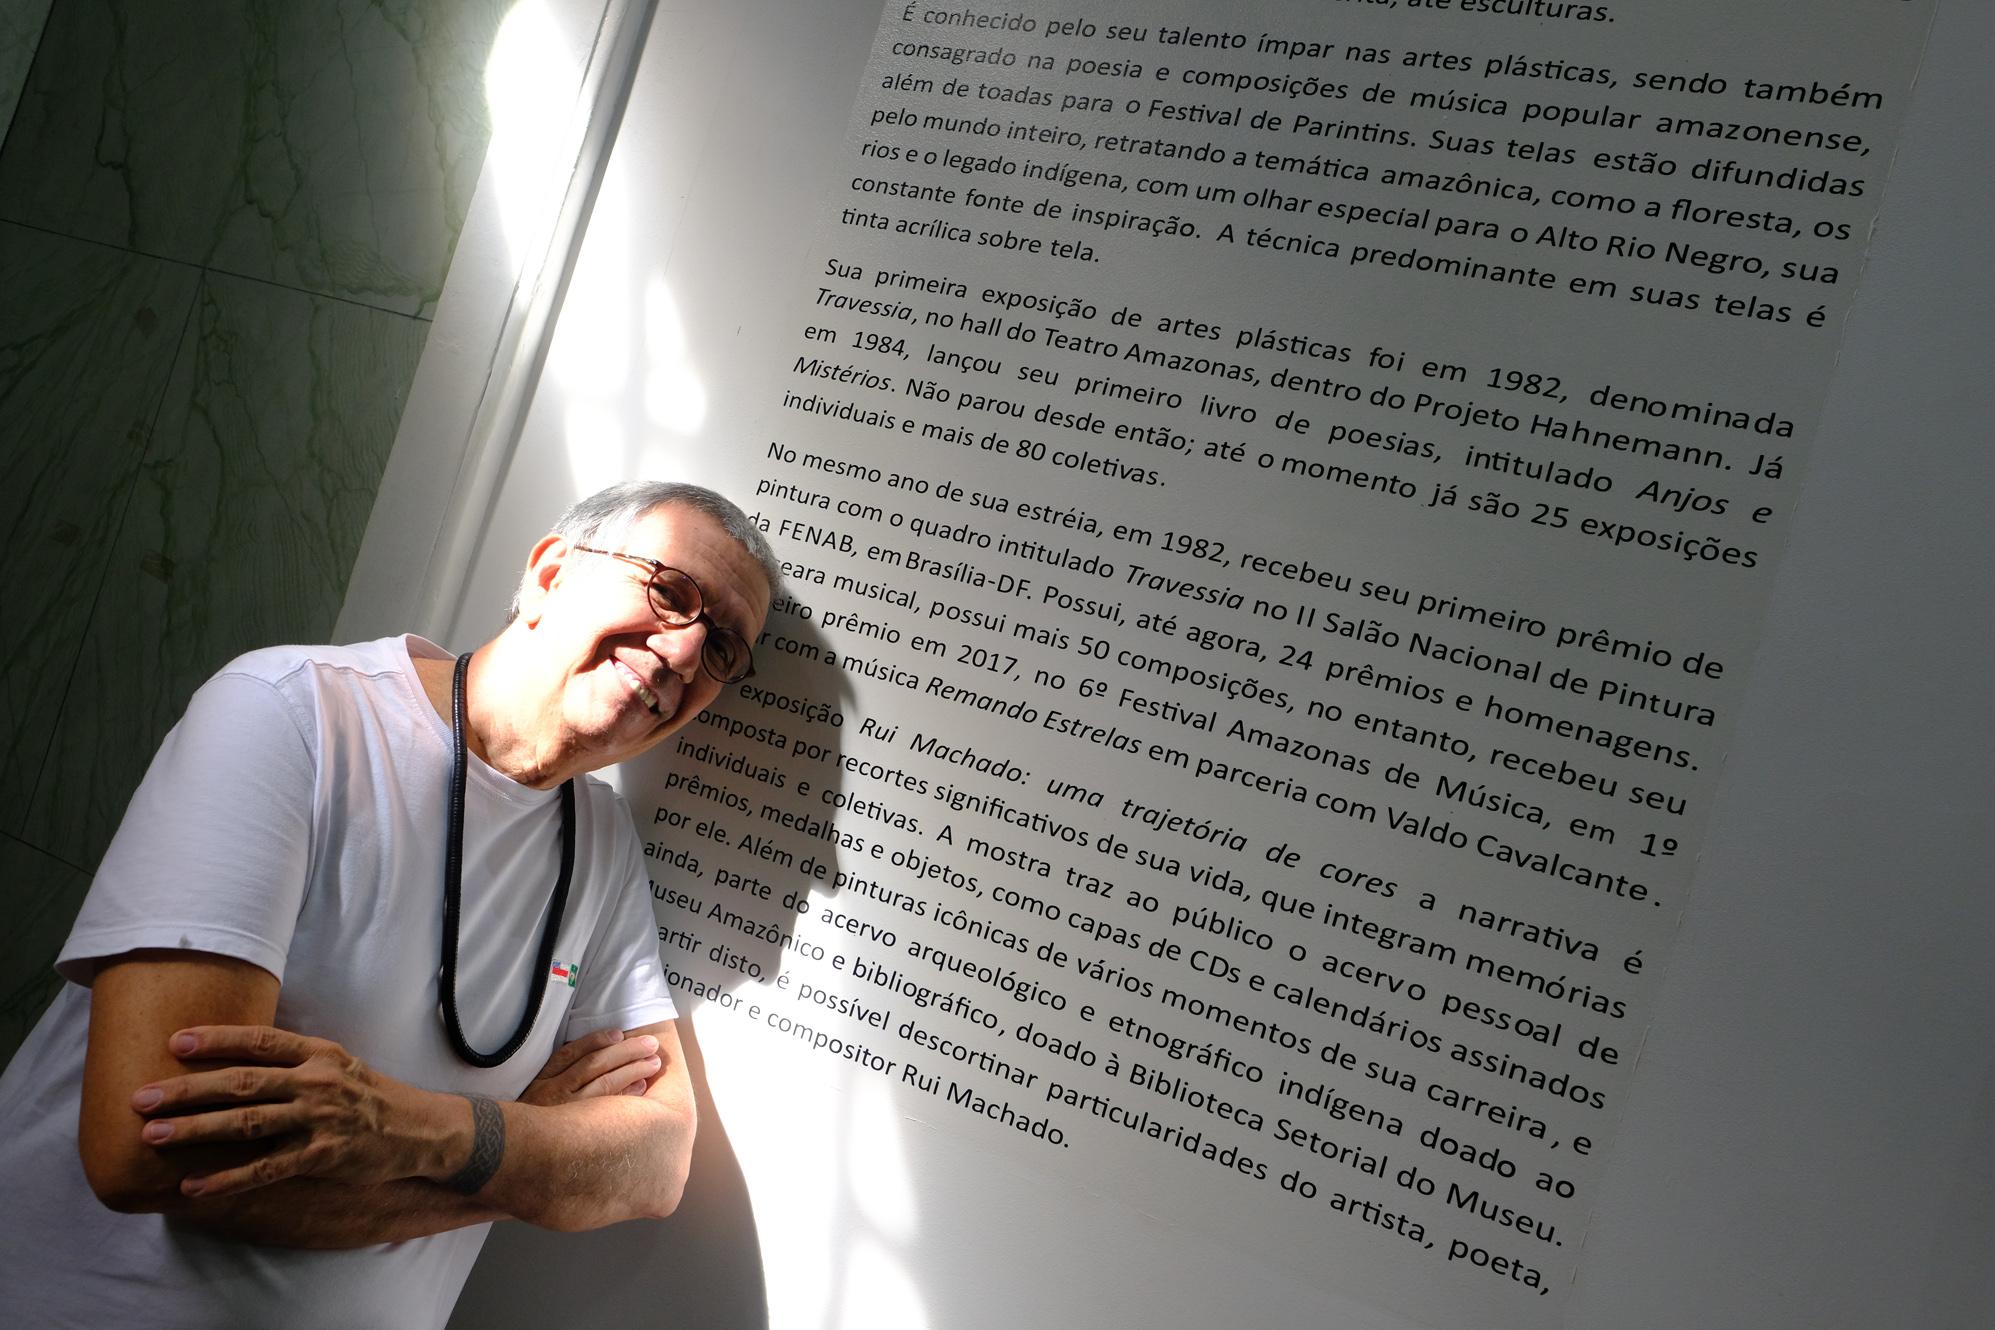 Museu Amazônico homenageia a carreira de Rui Machado